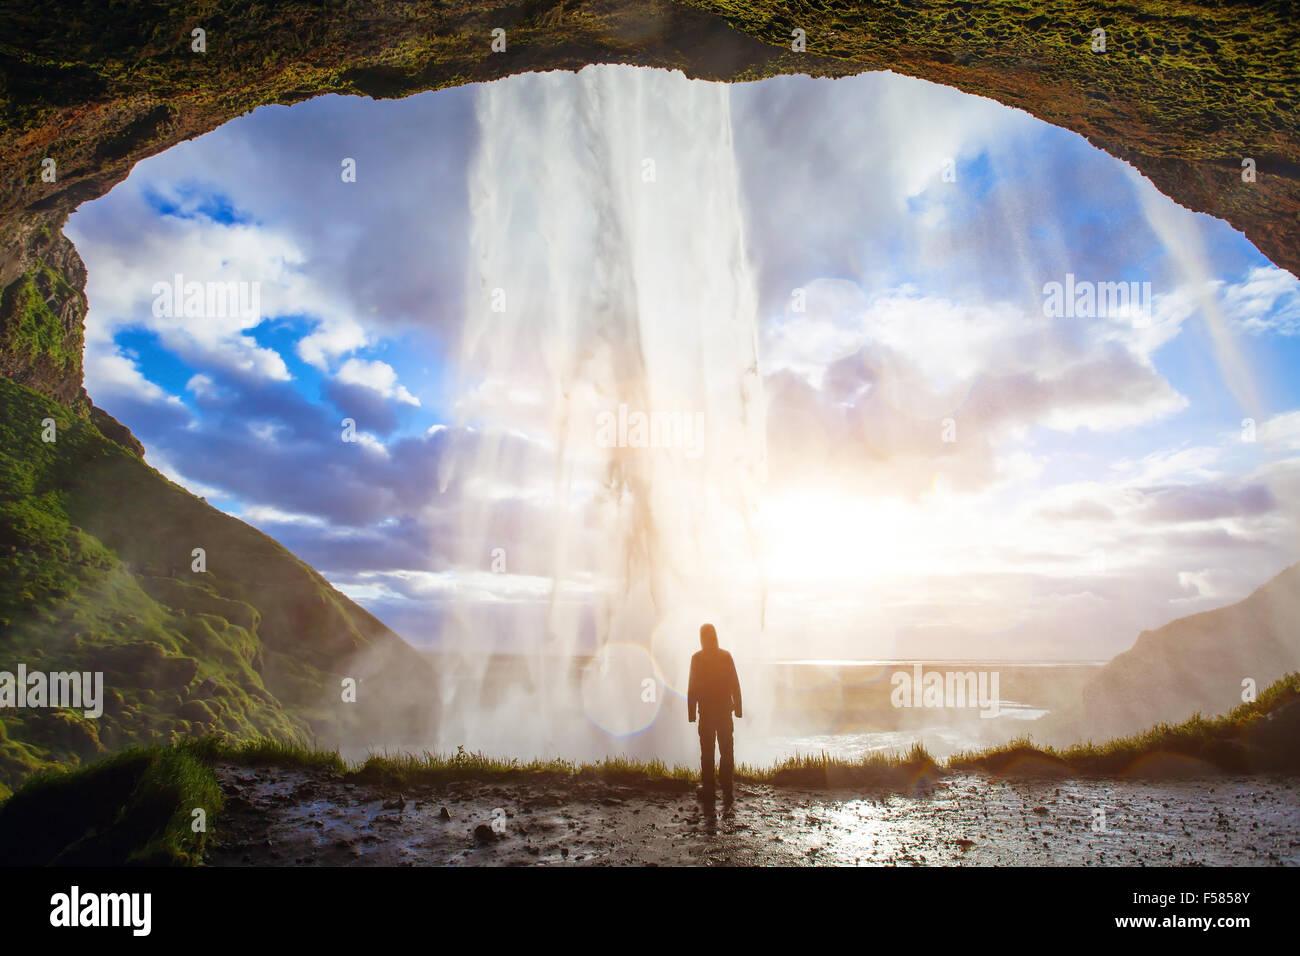 unglaubliche Wasserfall in Island, Silhouette des Menschen genießen Sie herrlichen Blick auf Natur Stockbild